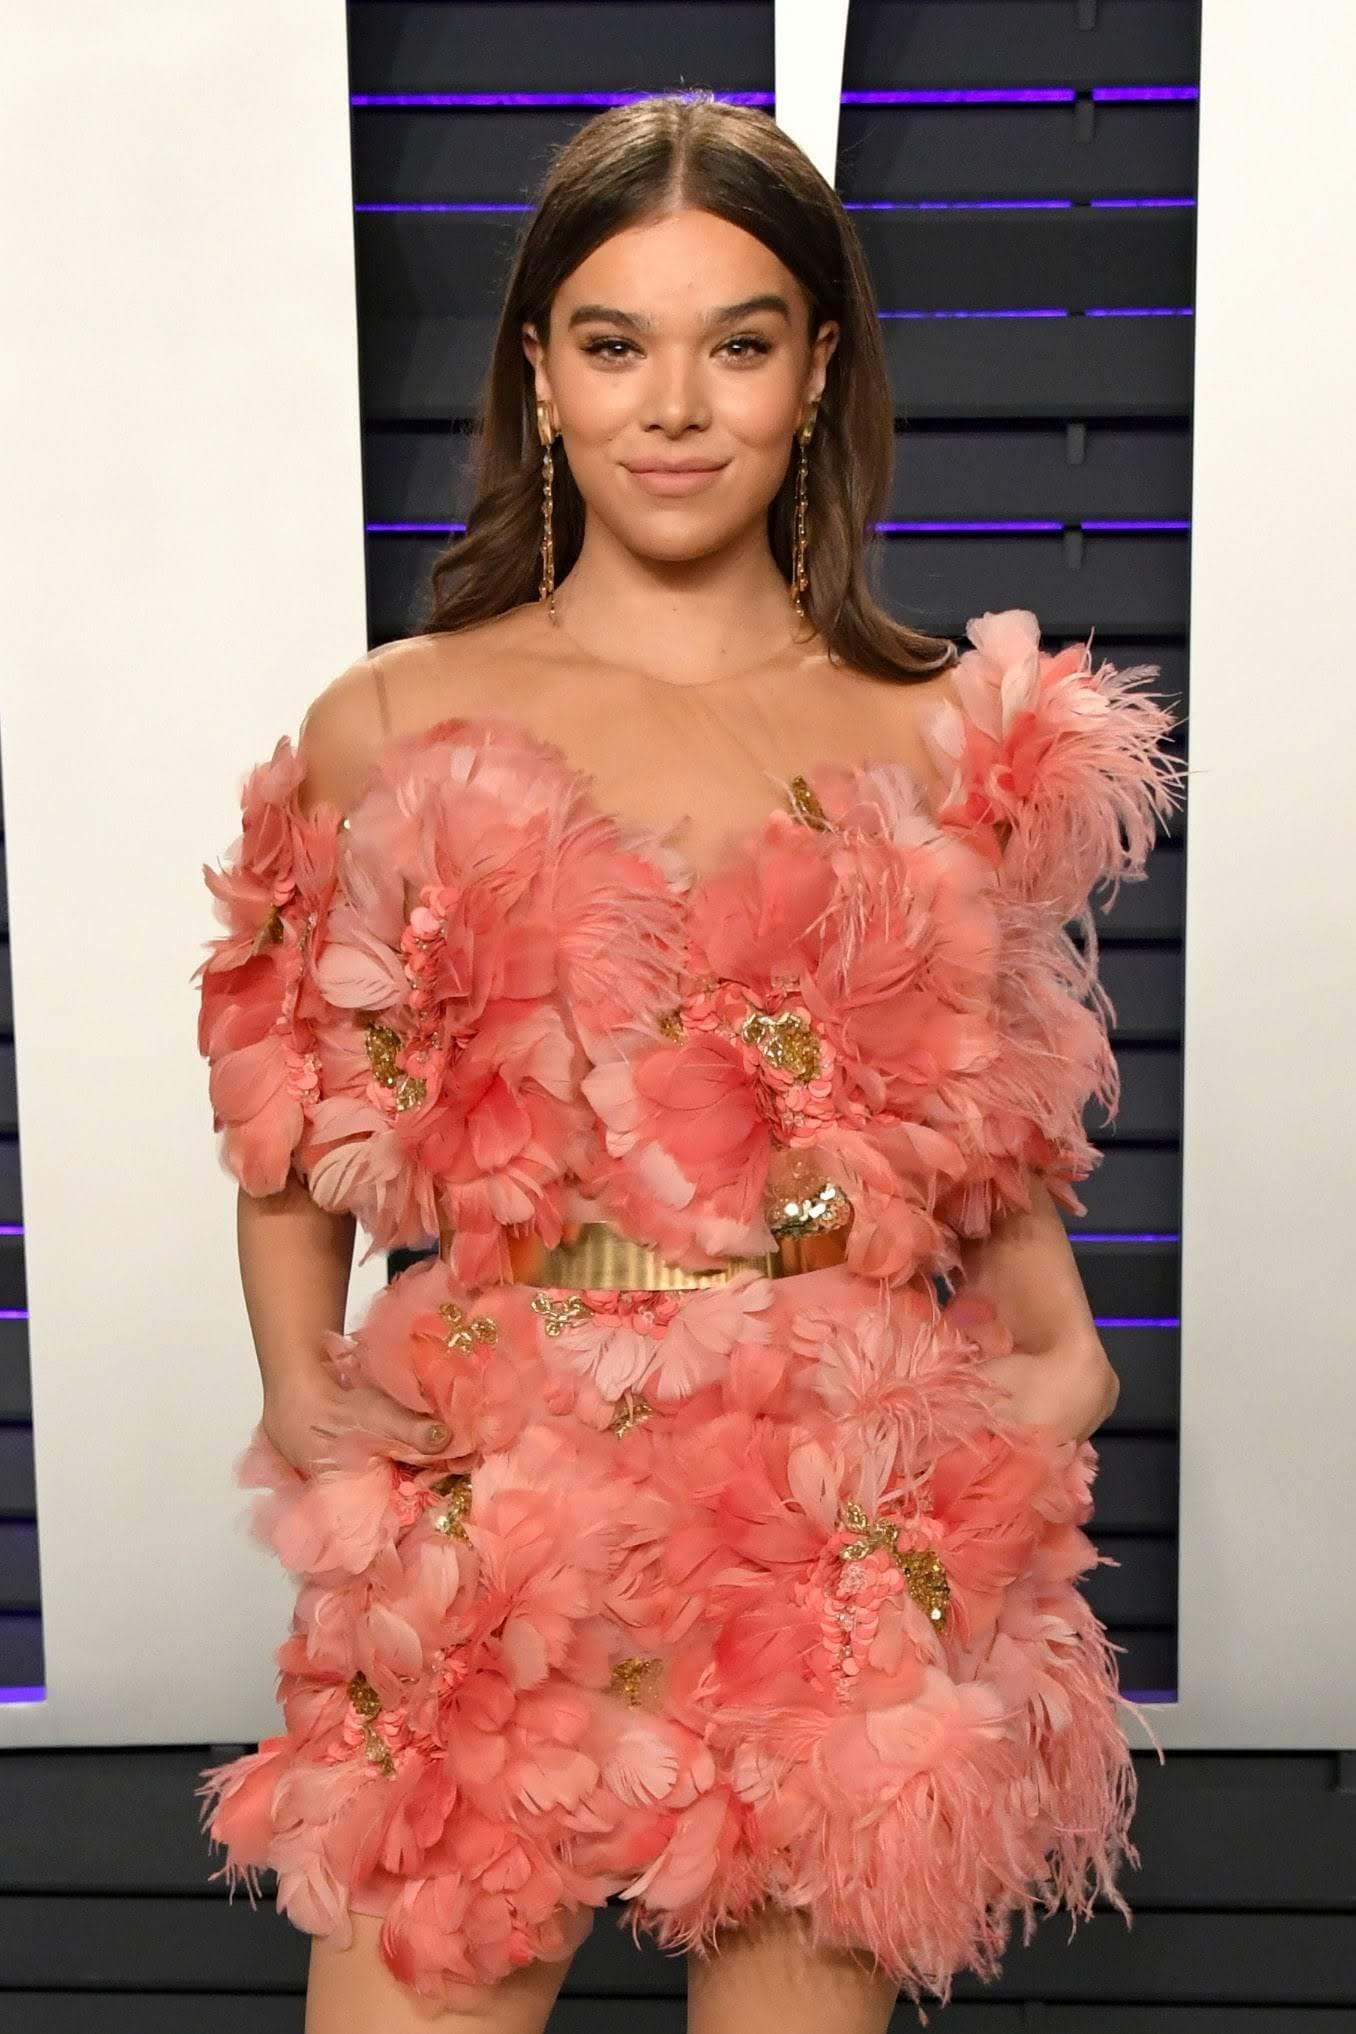 Hailee Steinfeld at Vanity Fair's Oscars Party : 第91回アカデミー賞のヴァニティ・フェアのアフター・パーティのヘイリー・スタインフェルドちゃん ! !